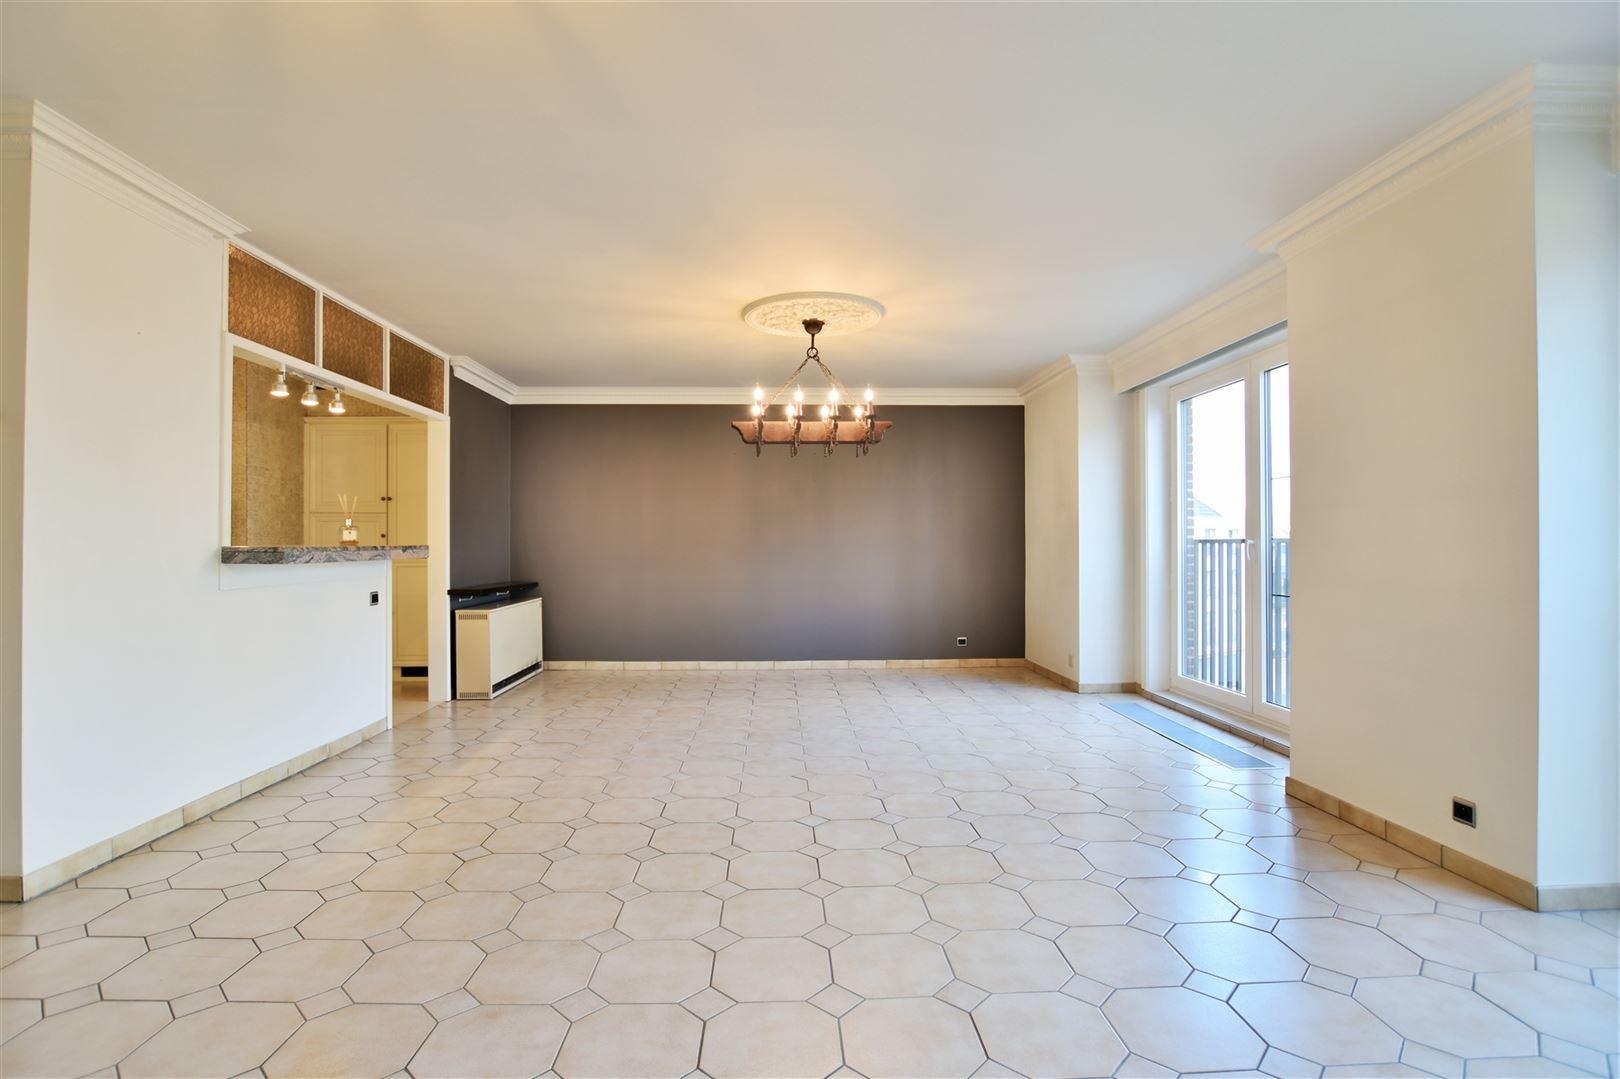 Foto 10 : Appartement te 9240 ZELE (België) - Prijs € 299.000